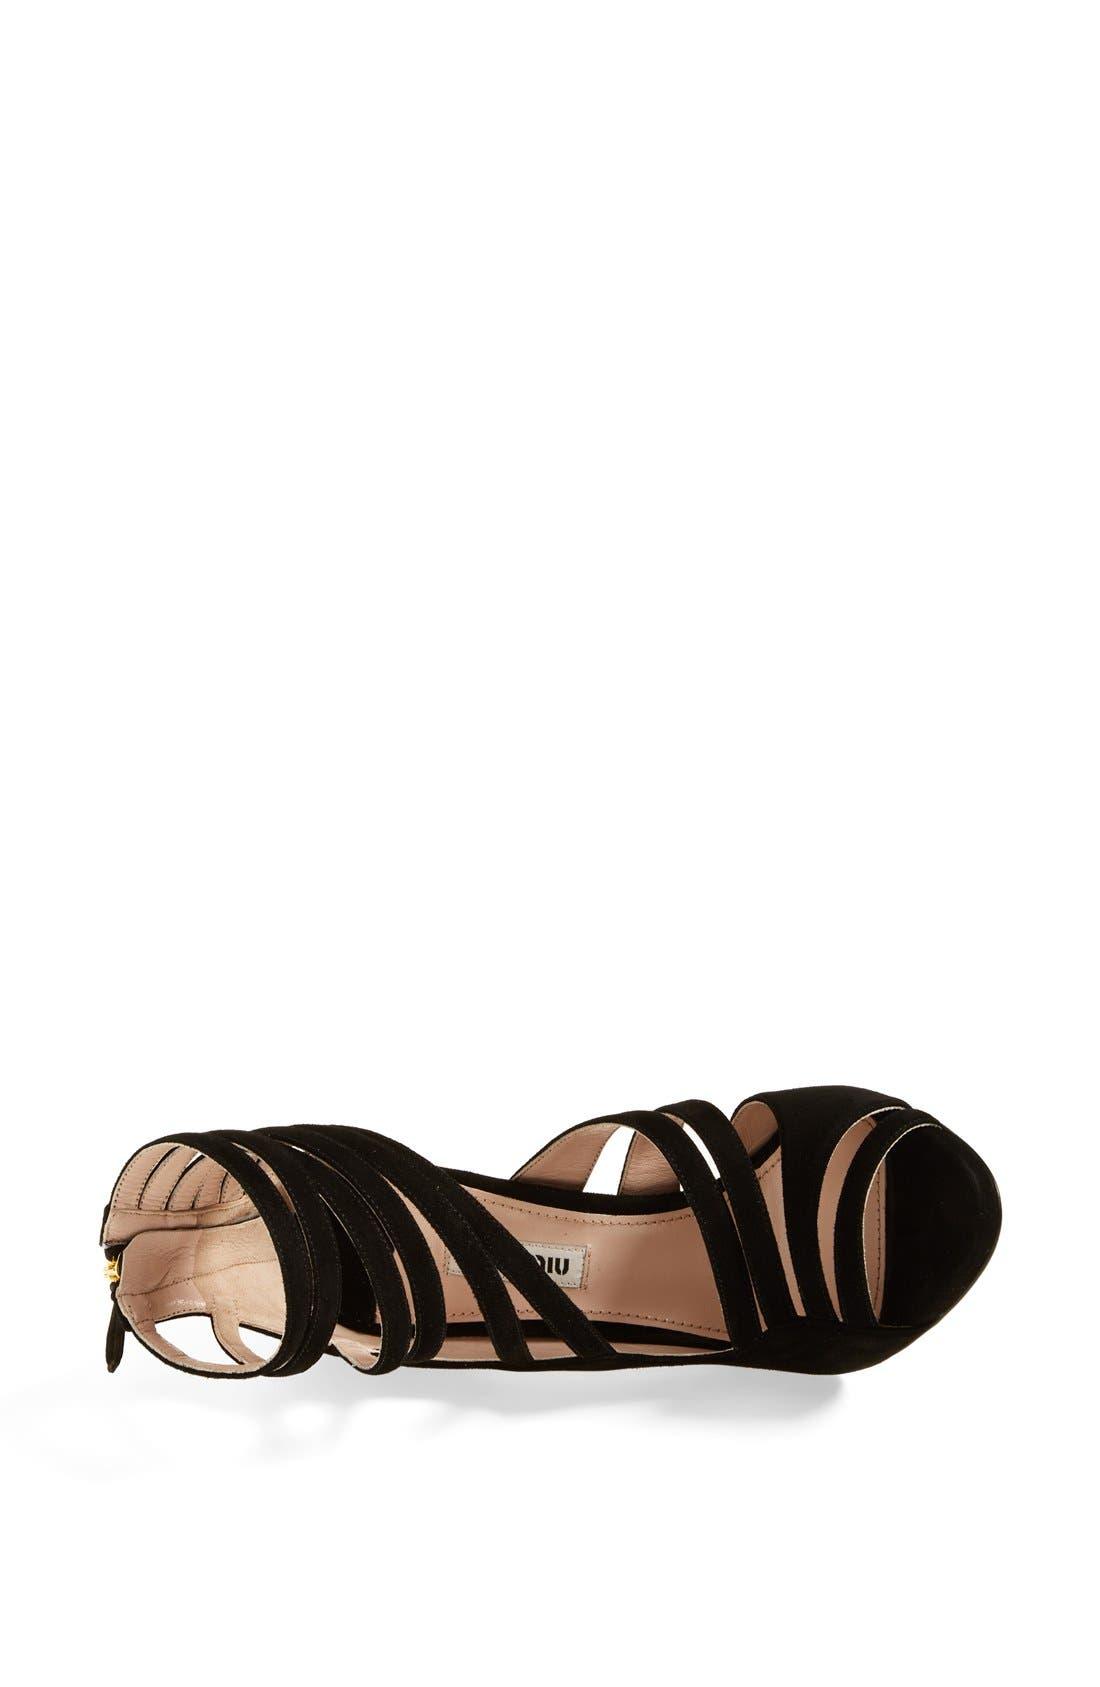 MIU MIU, Asymmetrical Strappy Sandal, Alternate thumbnail 3, color, 001